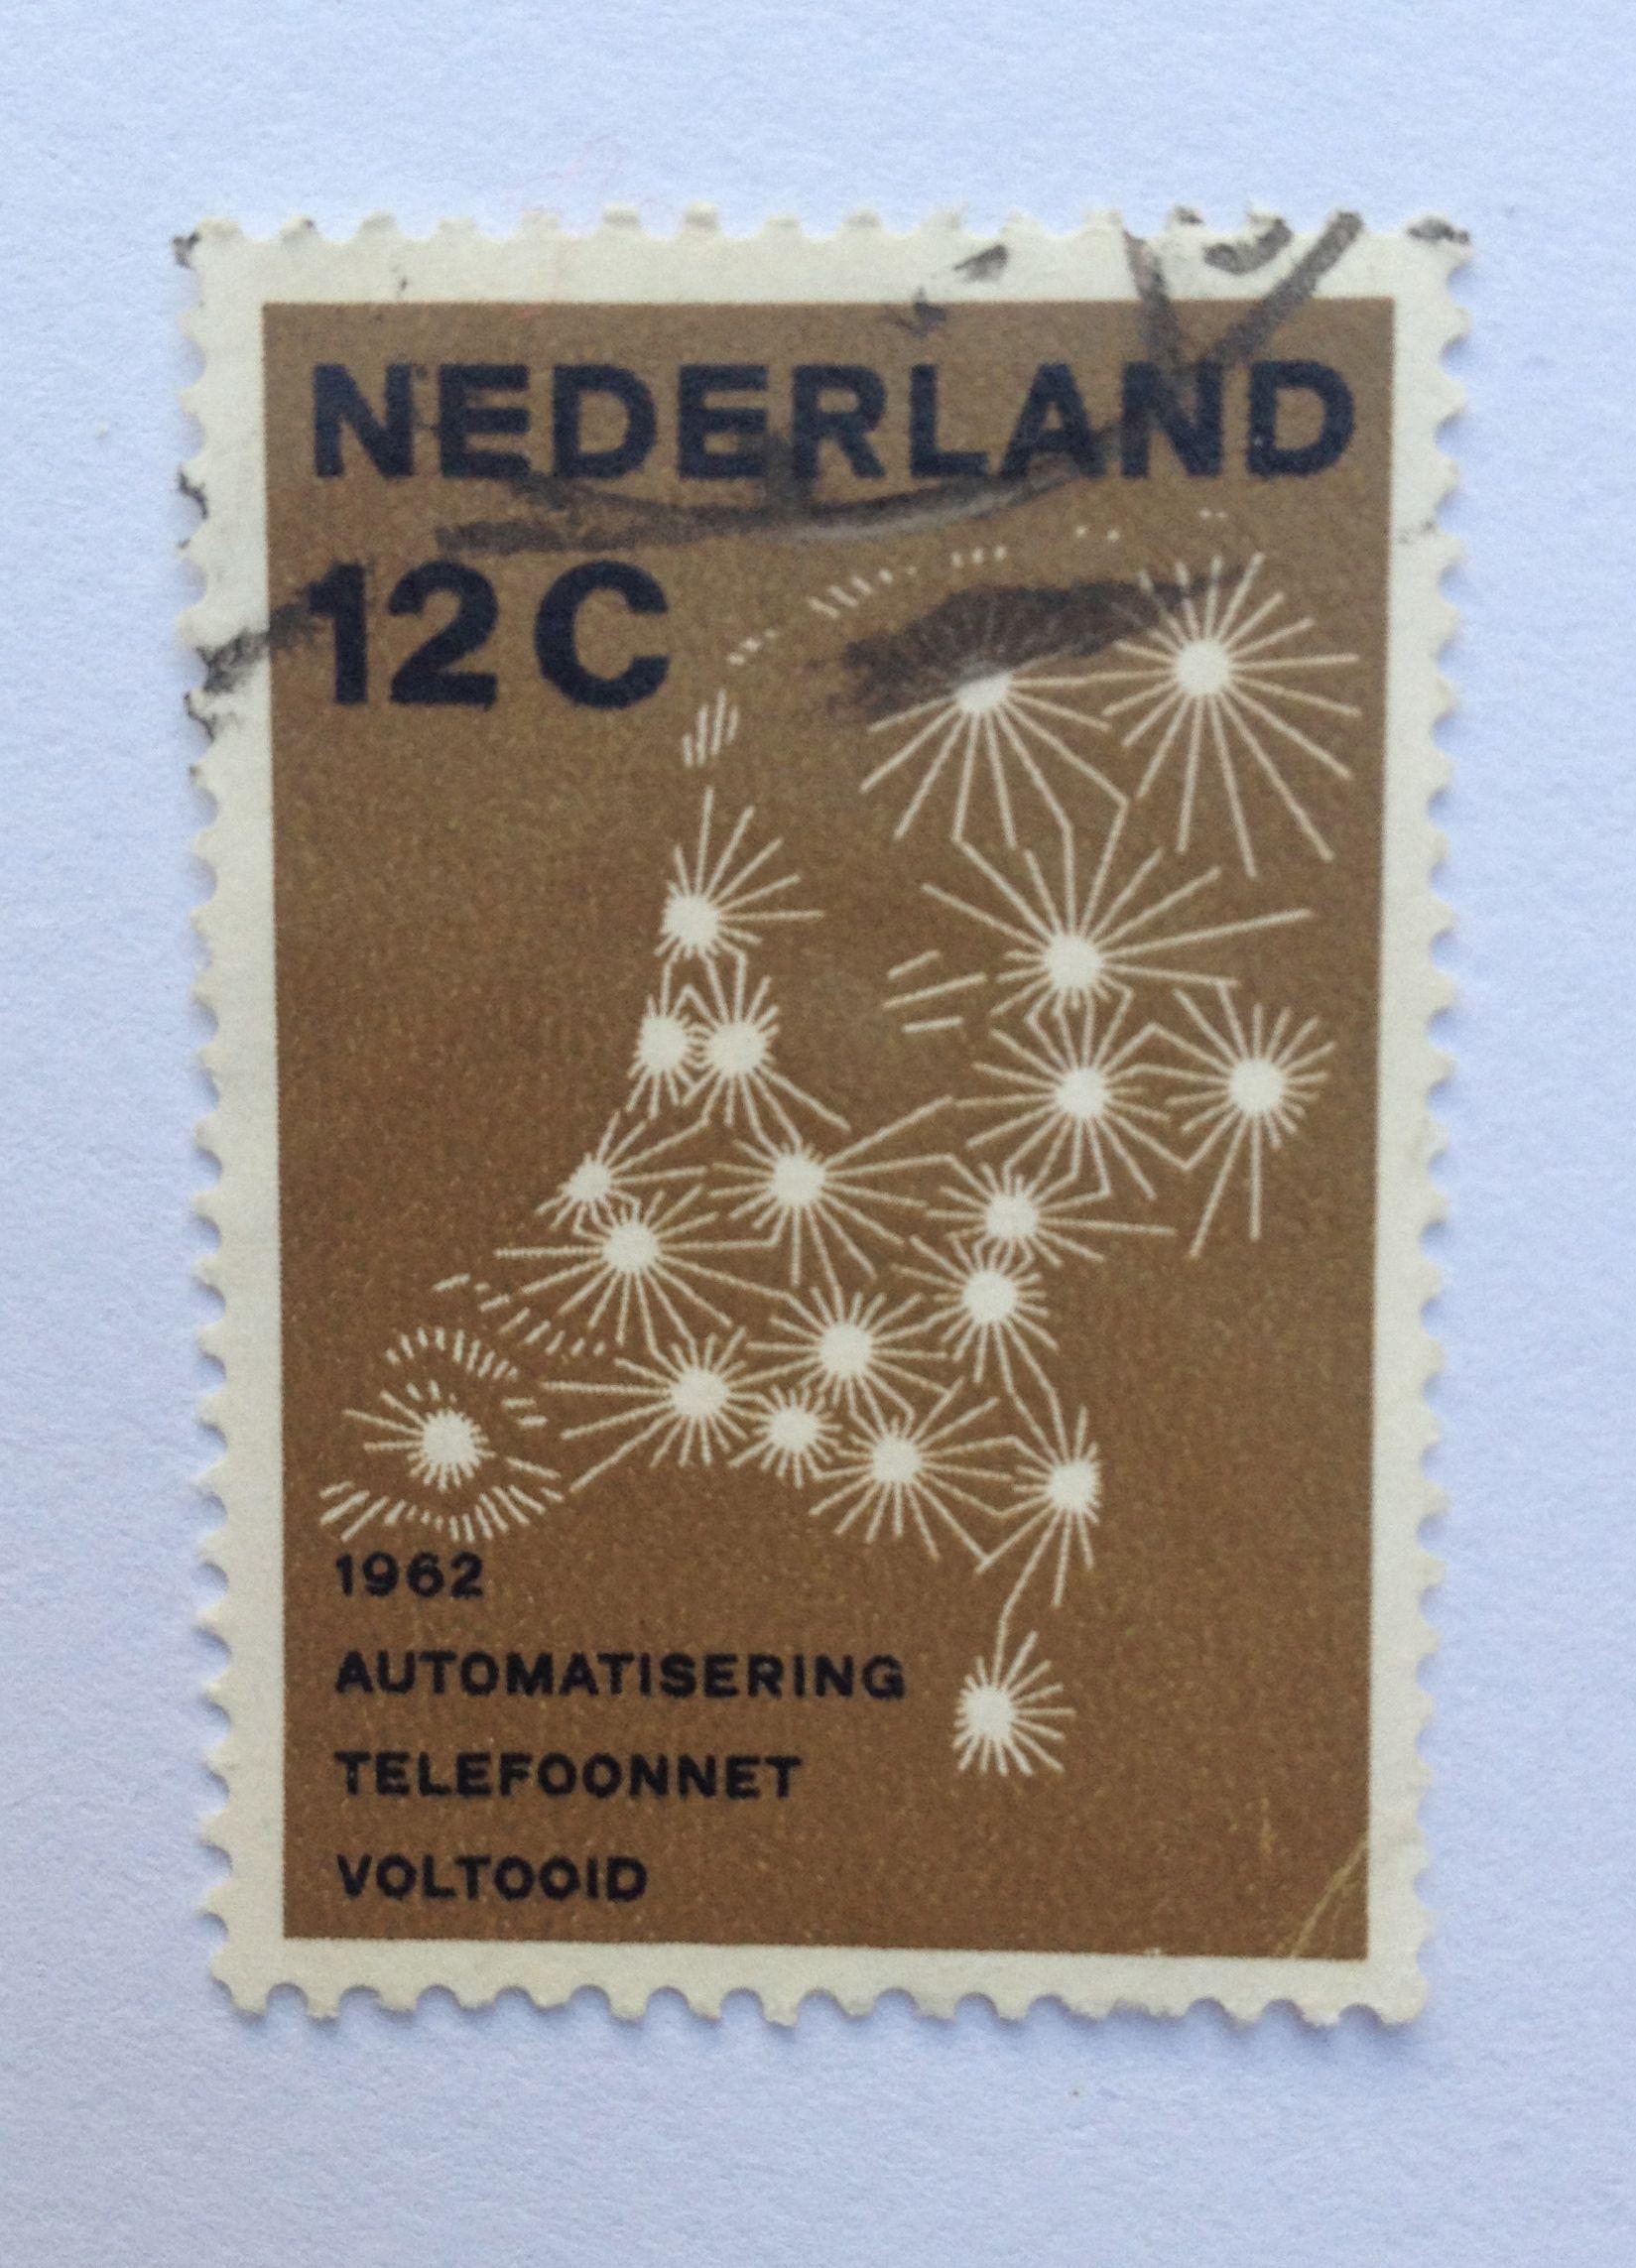 1962 otto treumann brons zwart nederland for Correo postal mas cercano